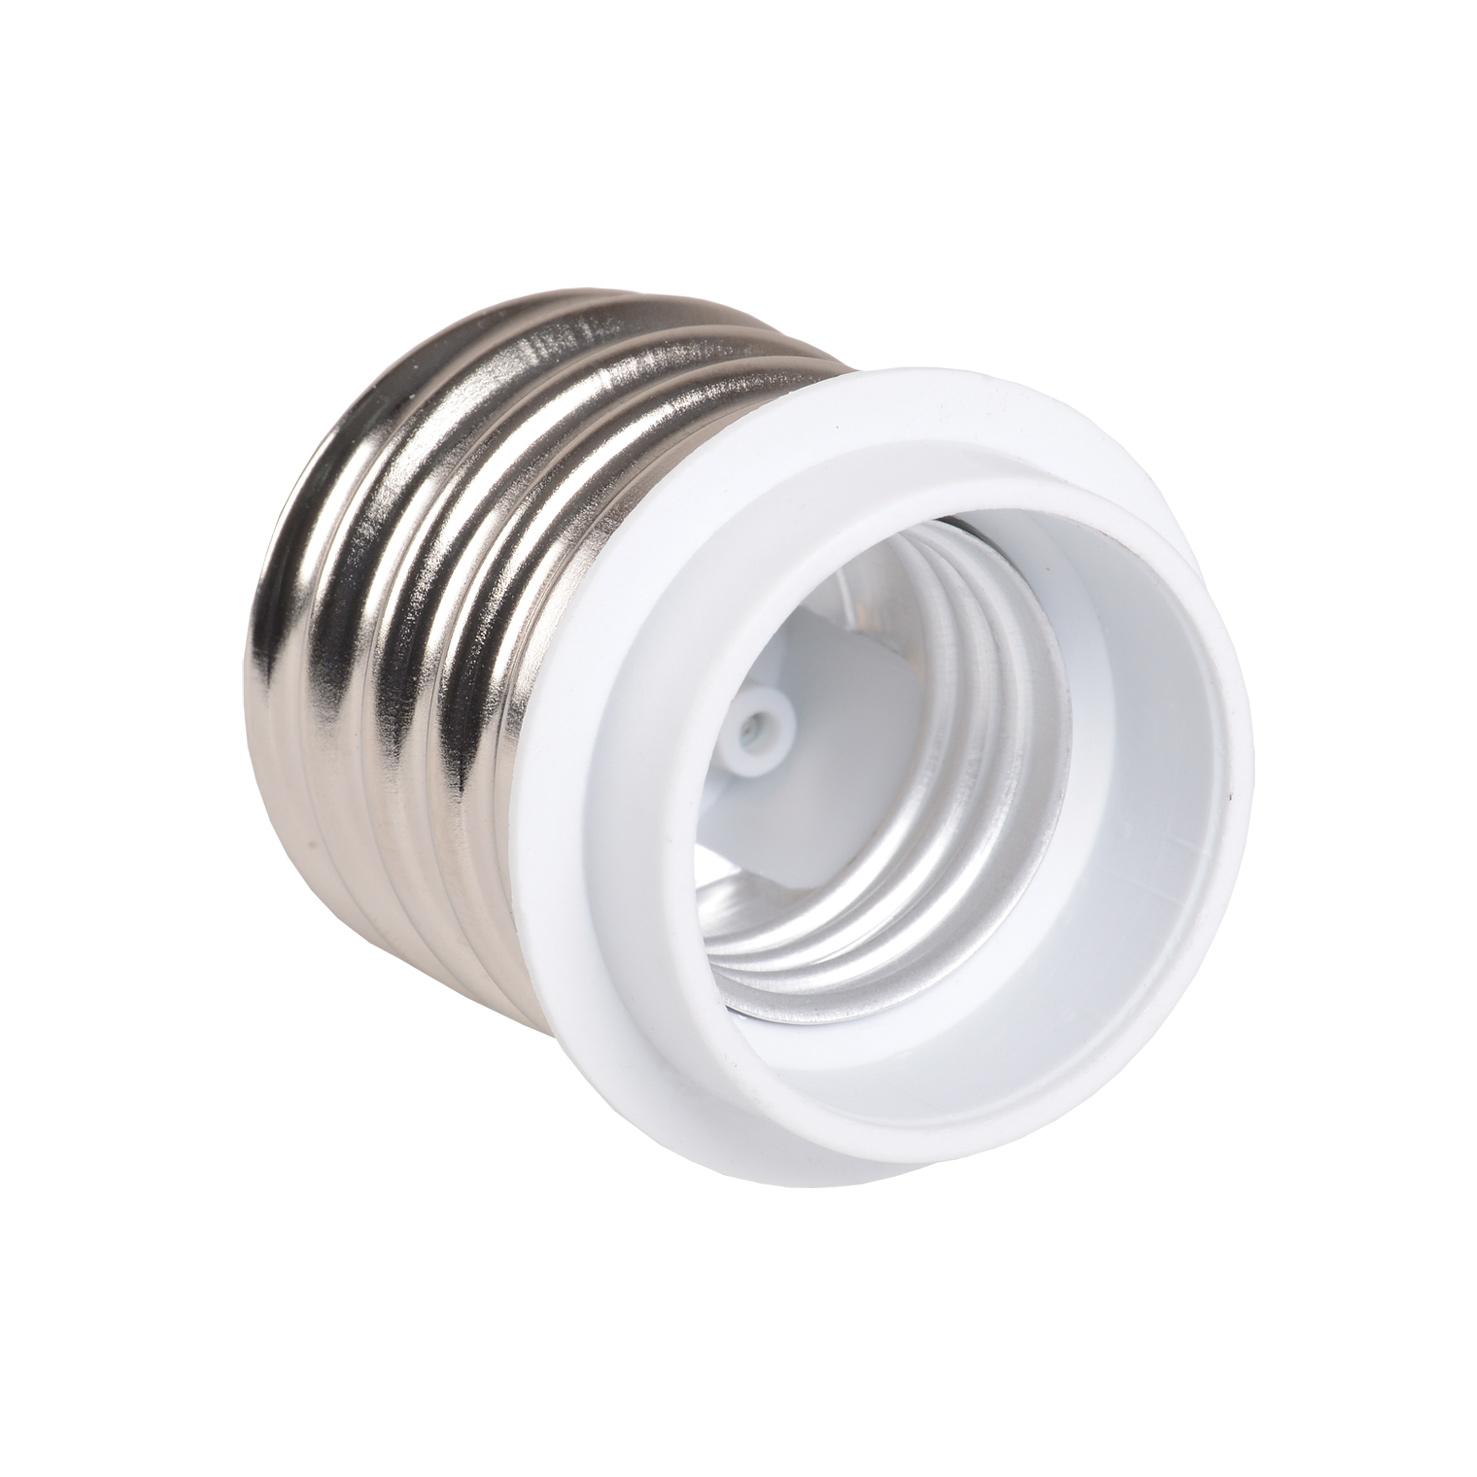 Переходник Е40-Е27 ПР40-27-К02 пластик белый (индивидуальный пакет) IEK